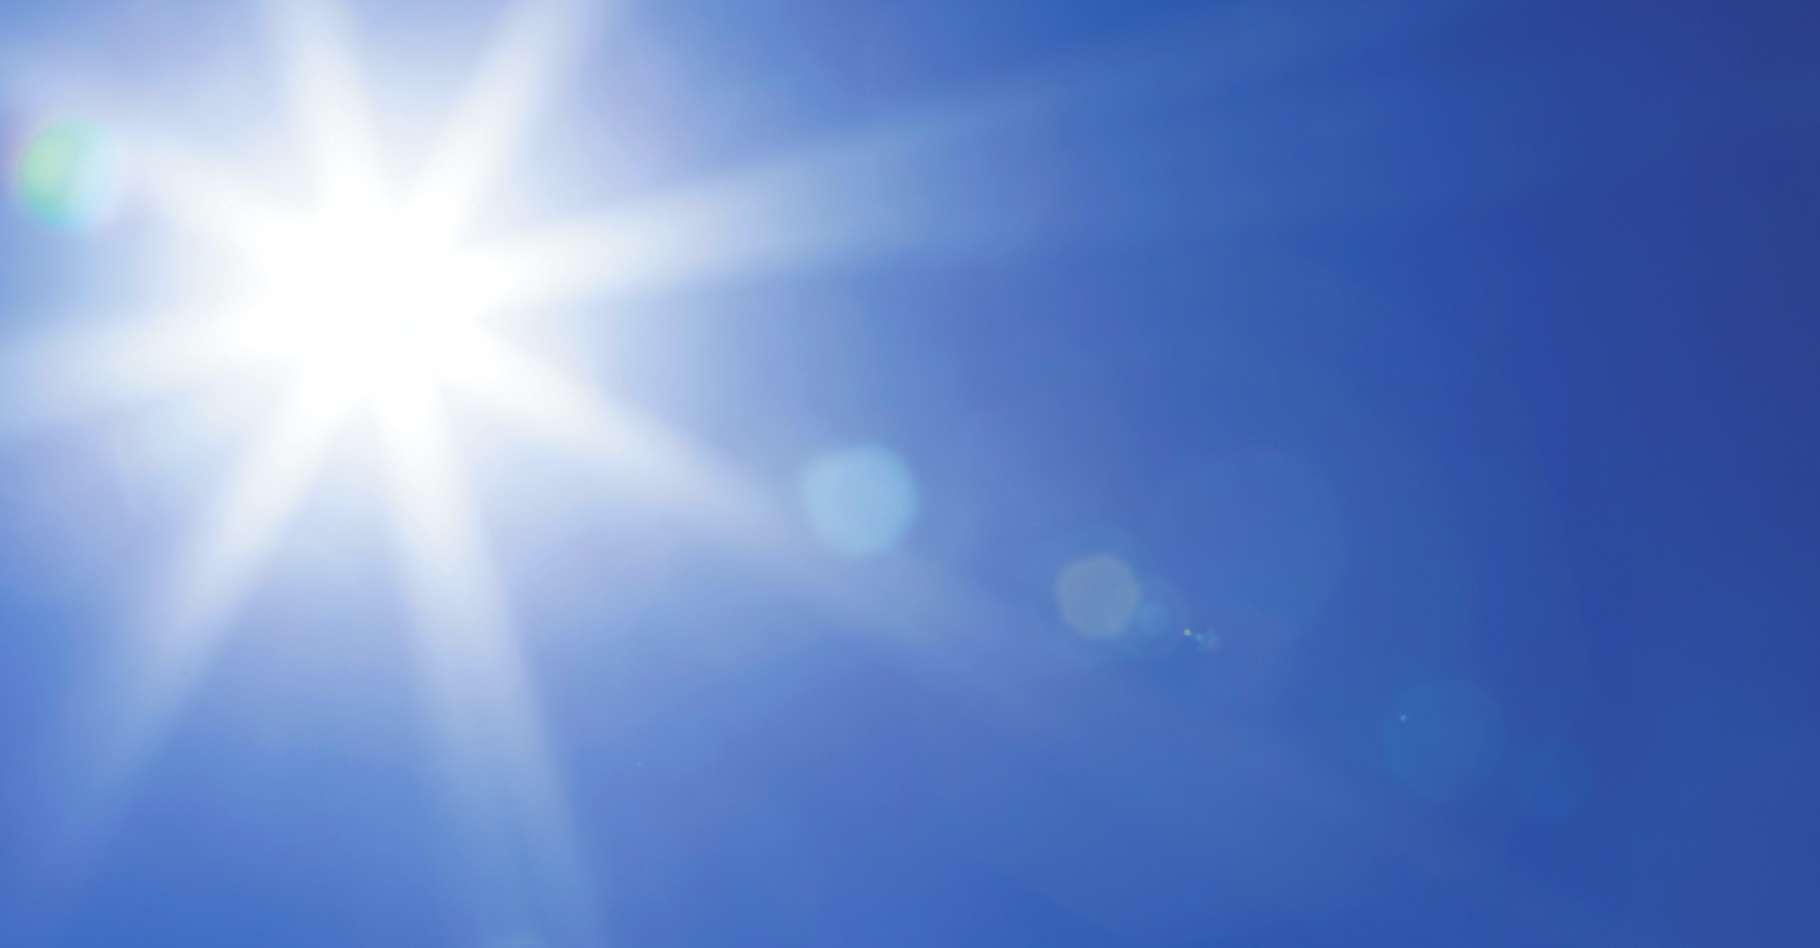 La décennie qui s'achève aura été la plus chaude jamais enregistrée. © kazy, Adobe Stock